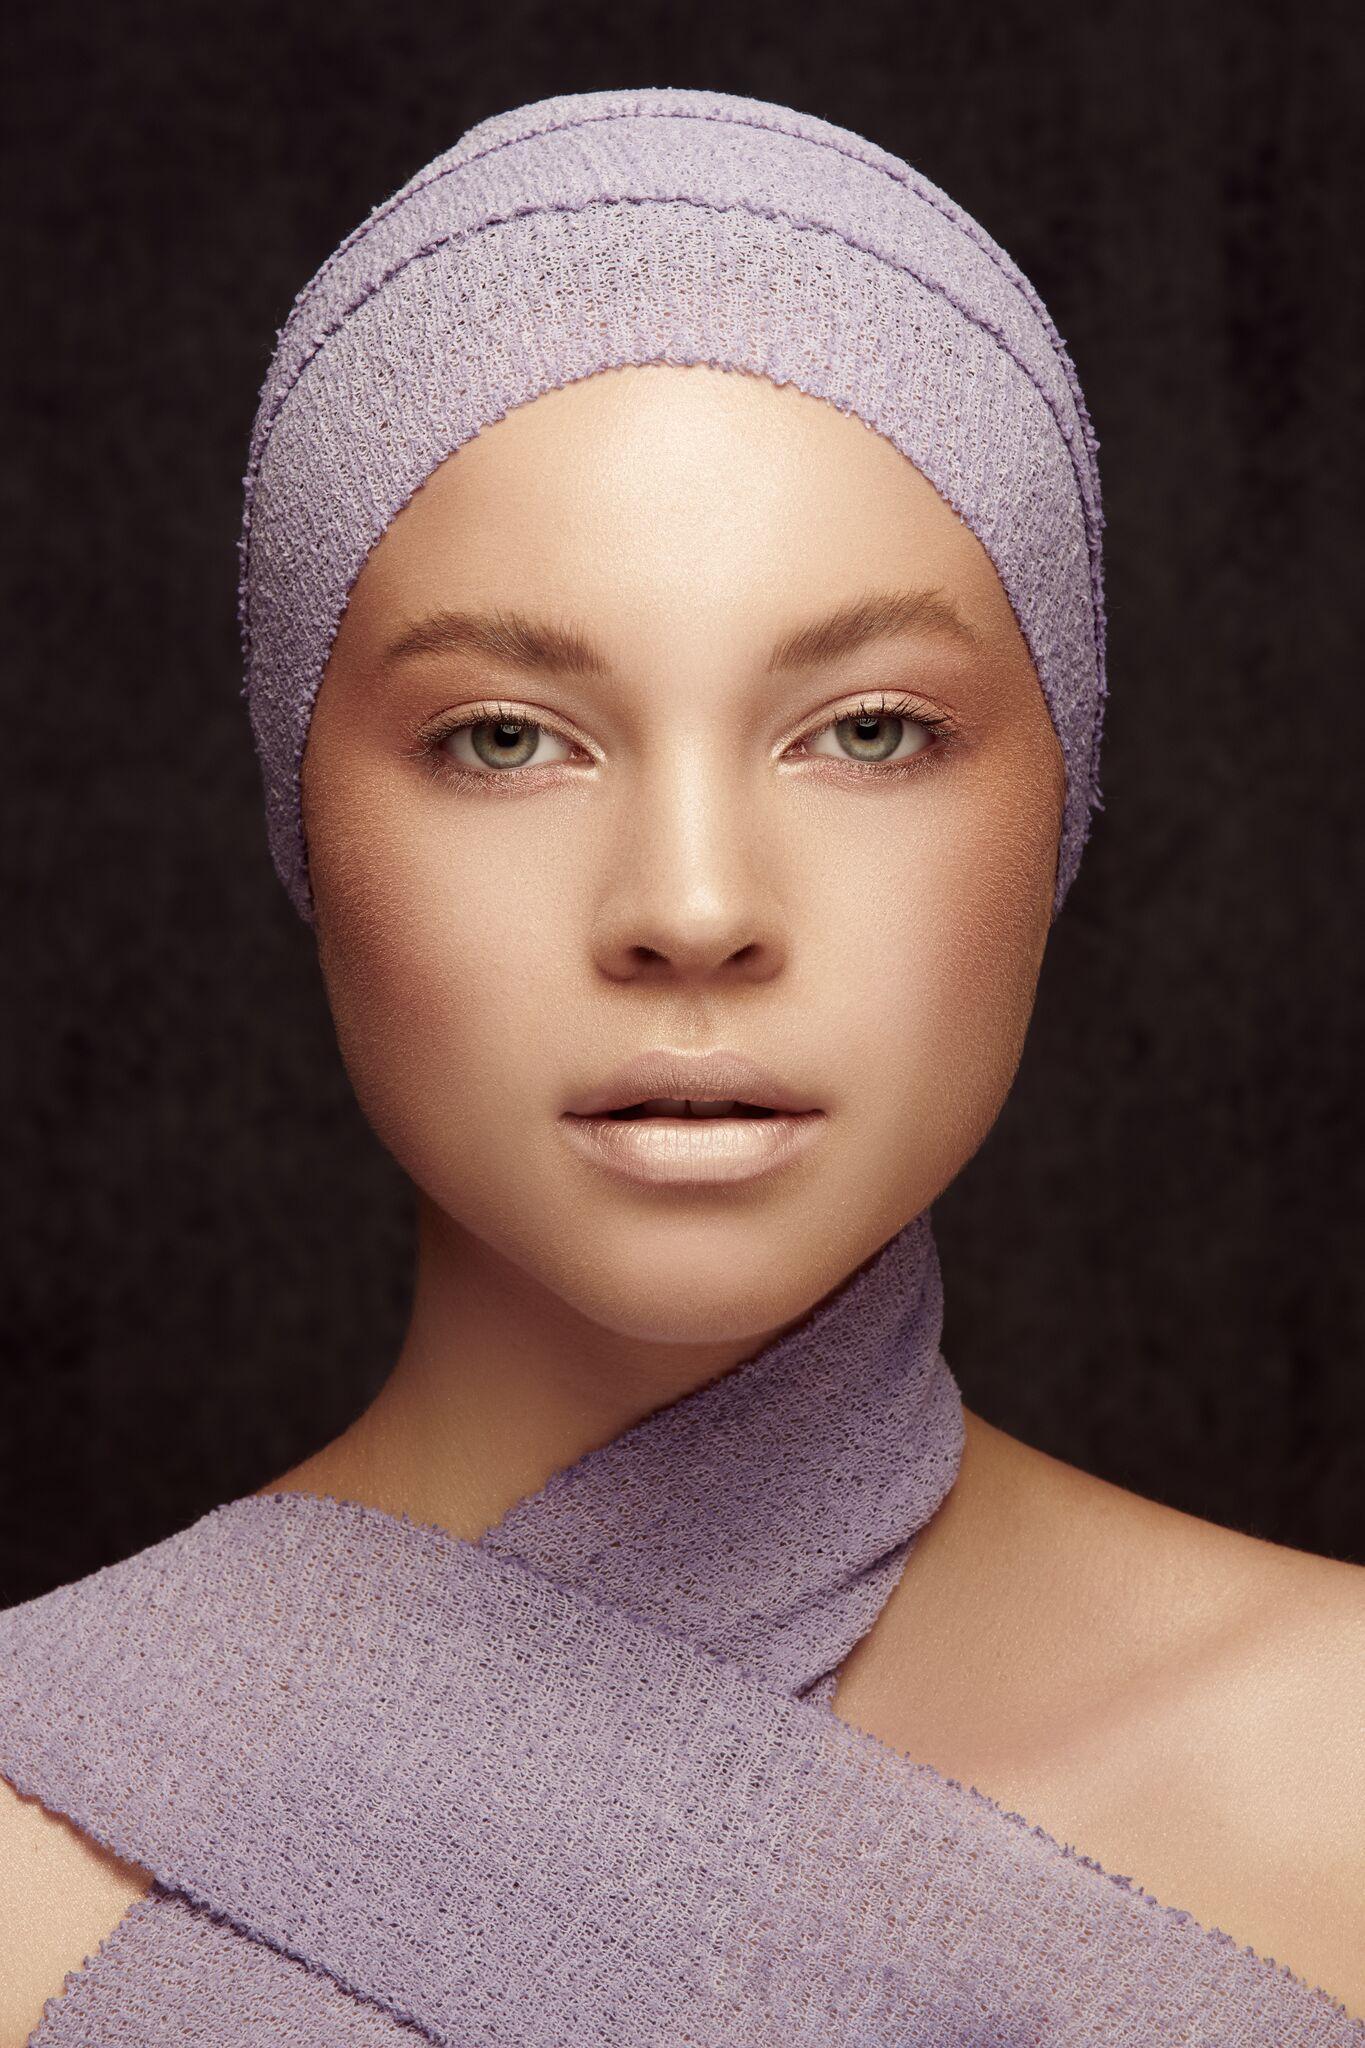 Makeup & Concept Debra Kelly Airbrush Makeup Dinair